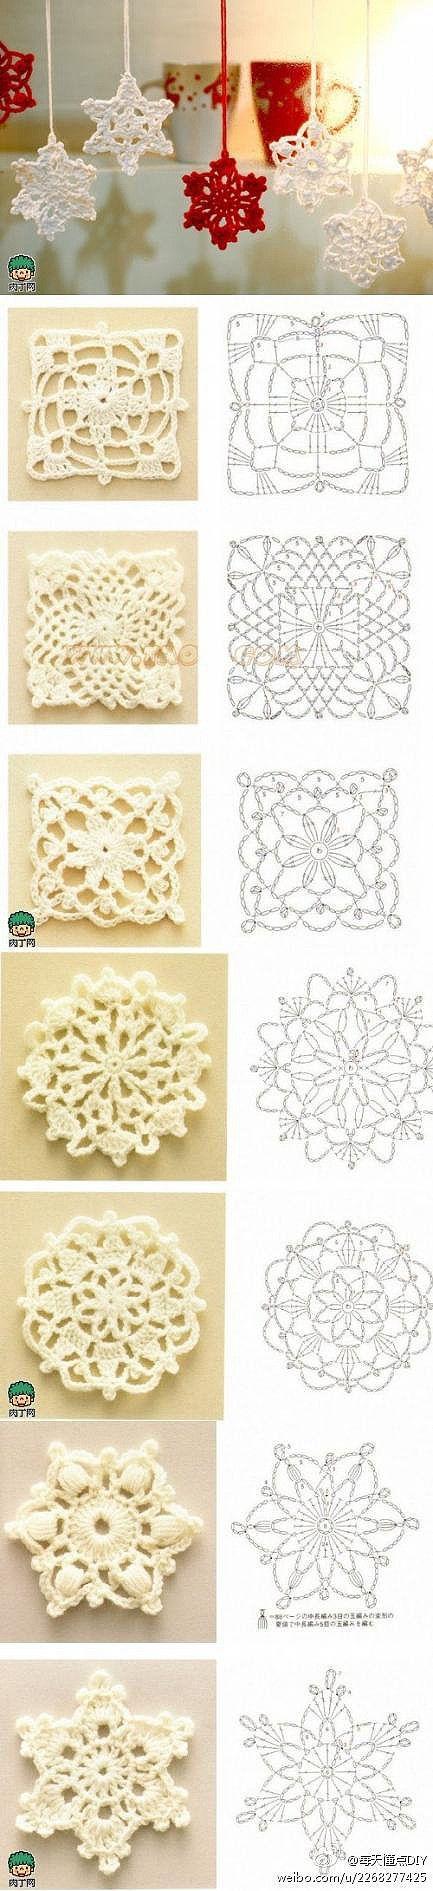 Crochet snowflakes. Flocs de neu de ganxet